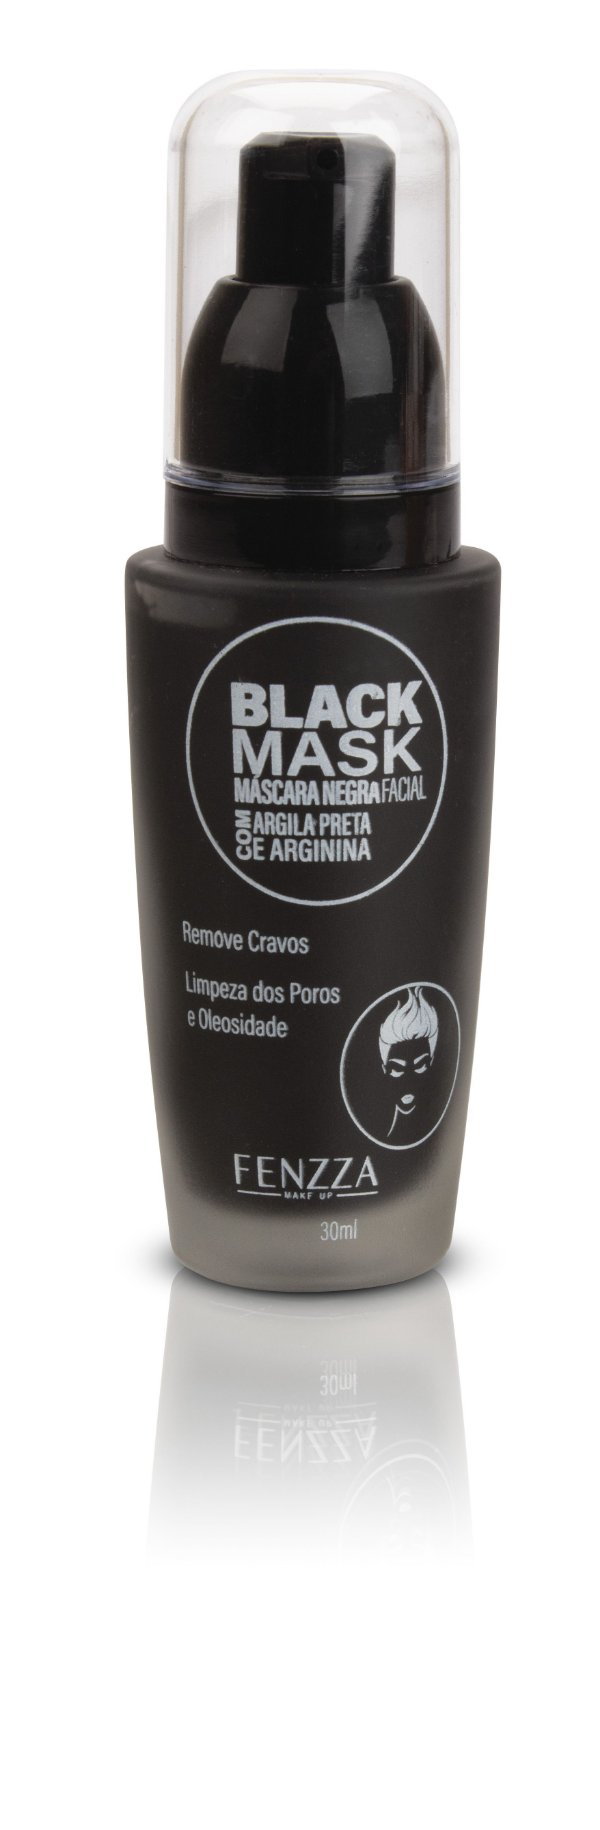 BLACK MASK FENZZA MAKE UP